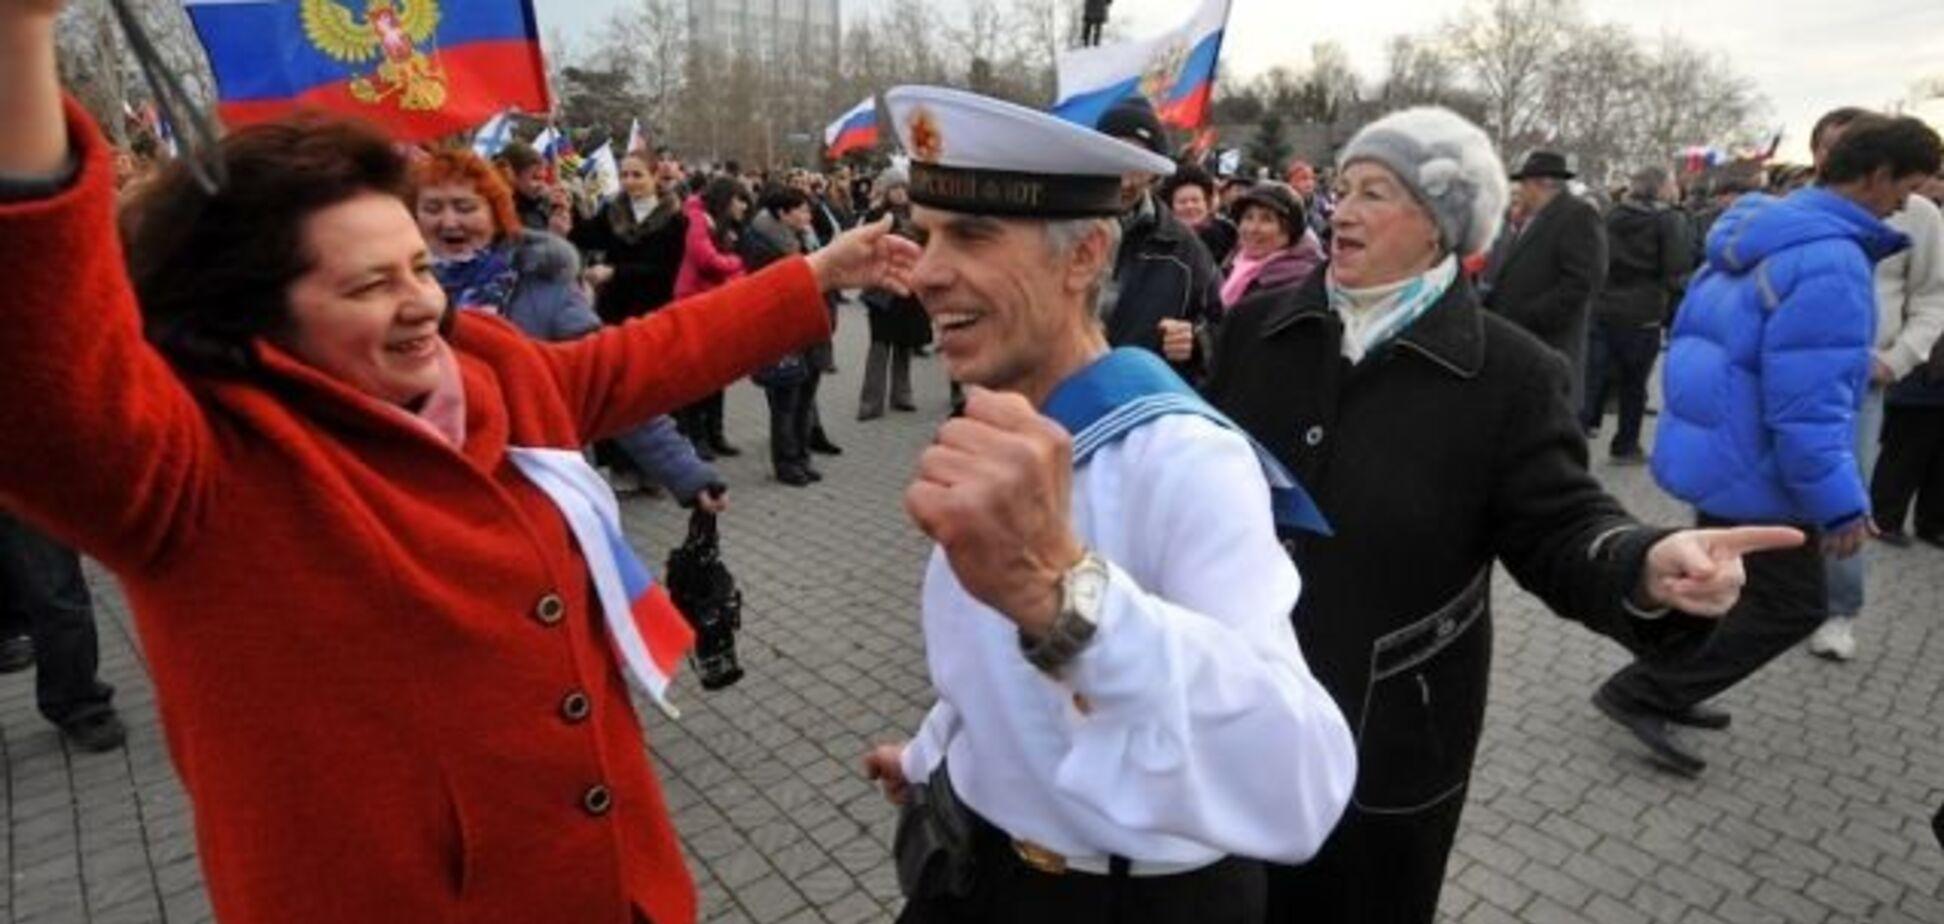 'Мы хотим в Россию!' У фанатов Путина в Луганске произошло обострение: фото и видео